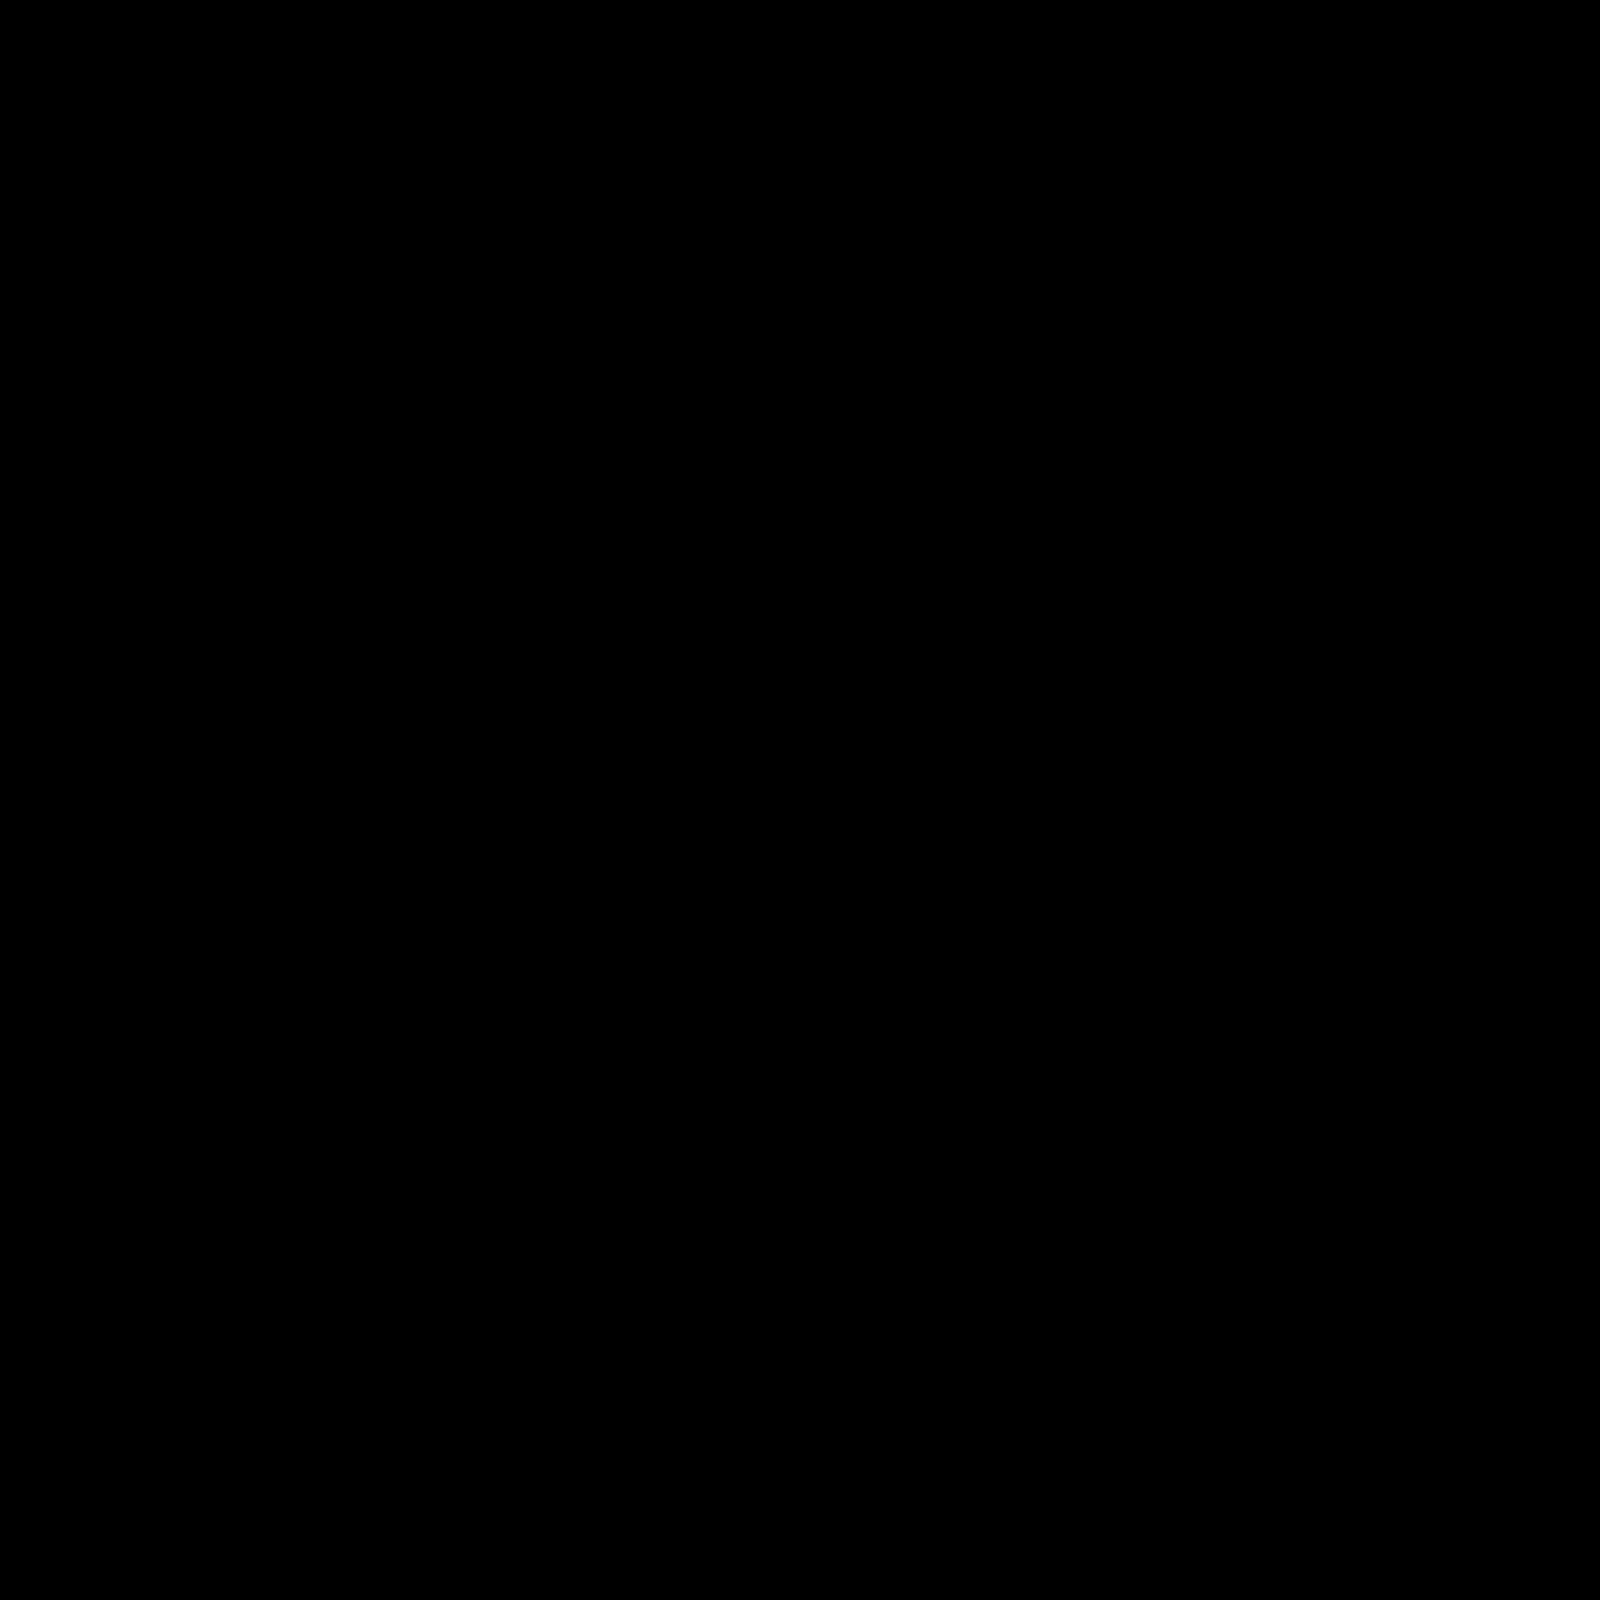 Sportowe wędkowanie icon